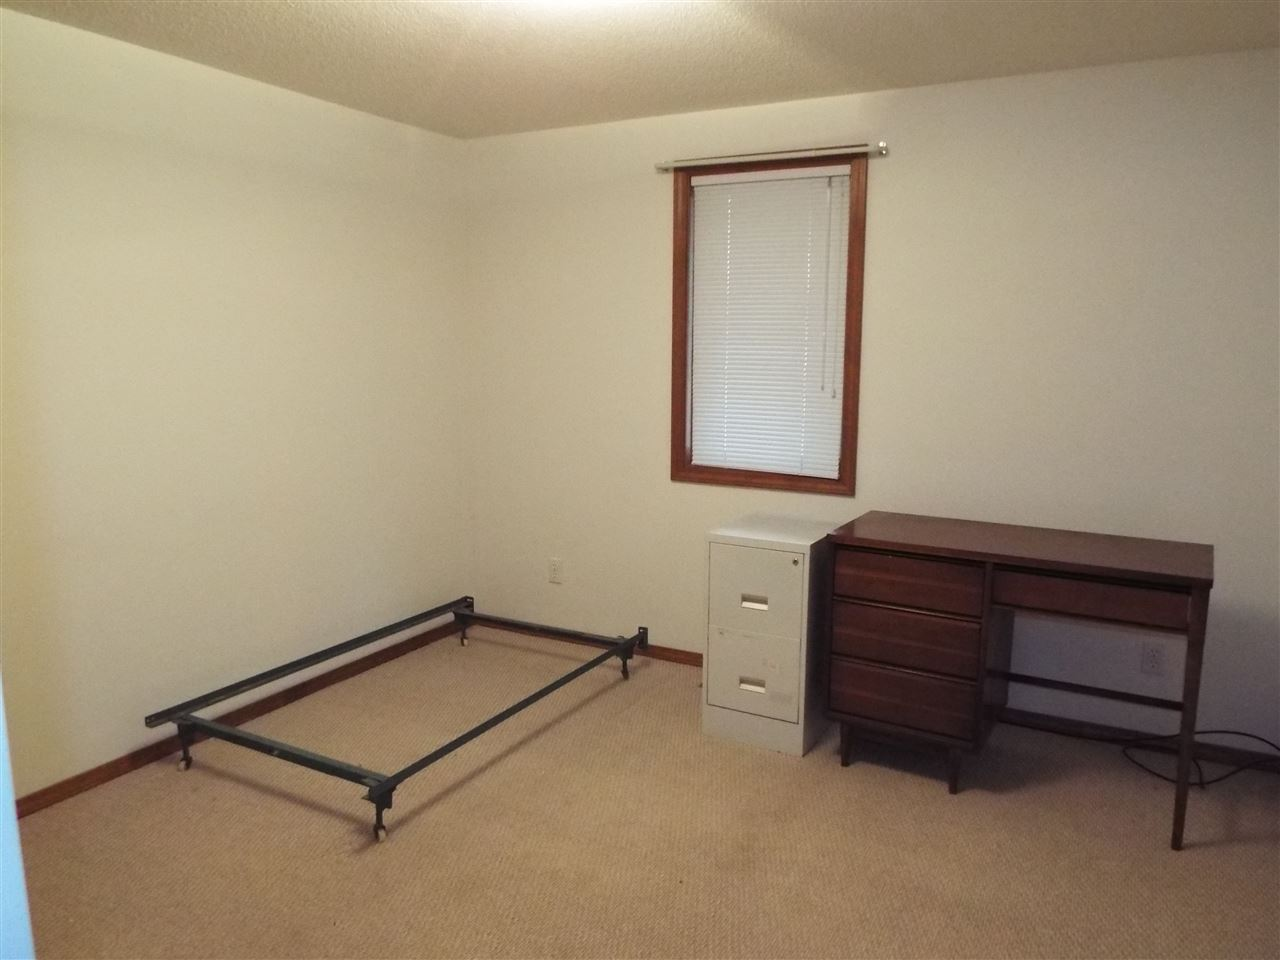 interior designers in midland mi 5122 raintree midland mi 48640